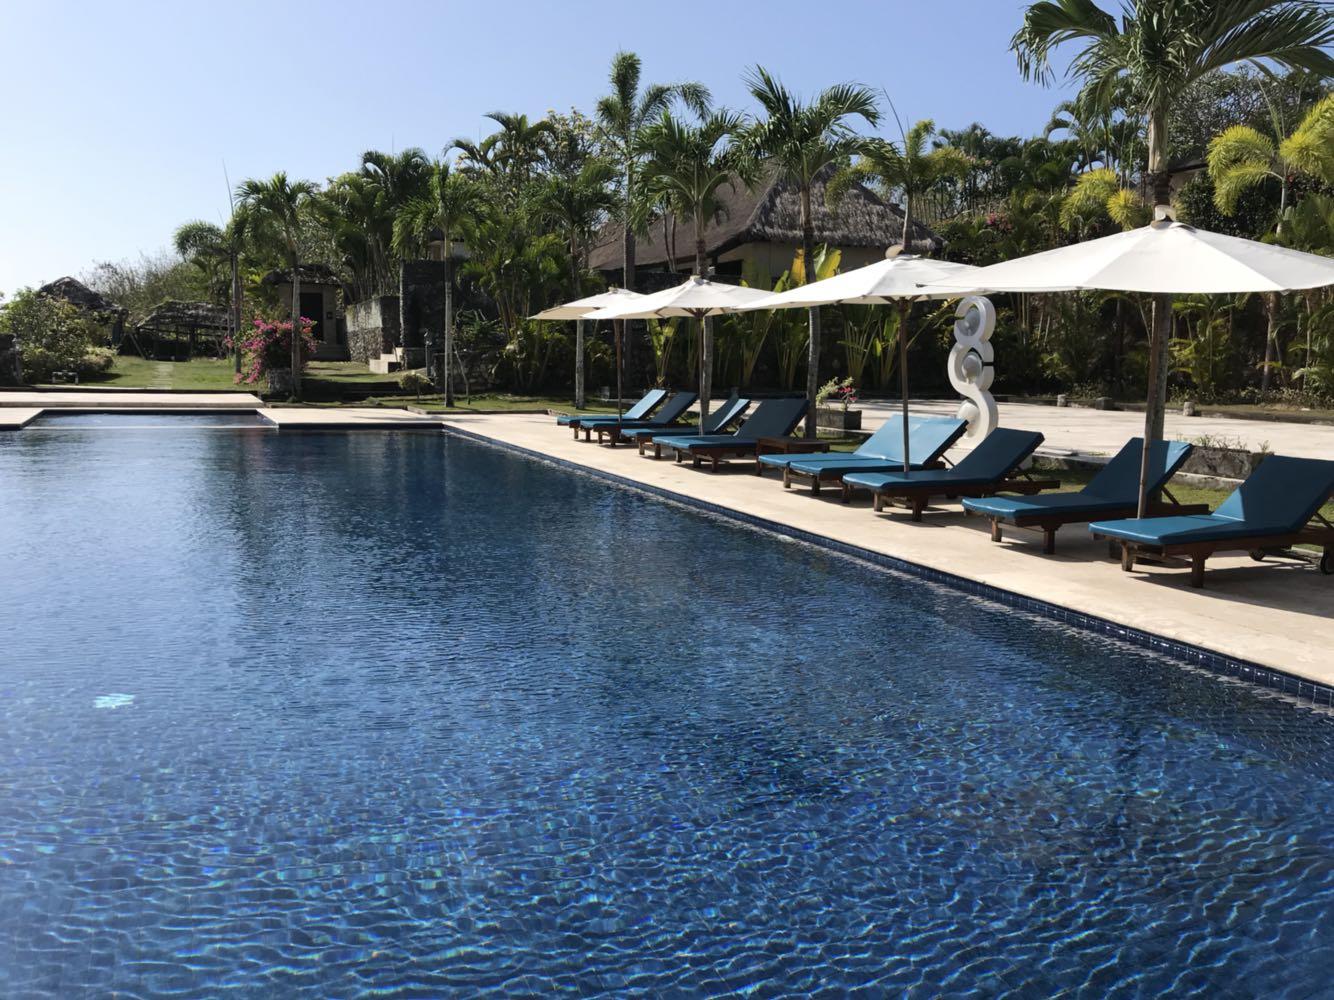 巴厘岛5晚6天跟团游-蓝梦岛 贝尼达岛>杭州直飞,2晚花园泳池别墅3晚